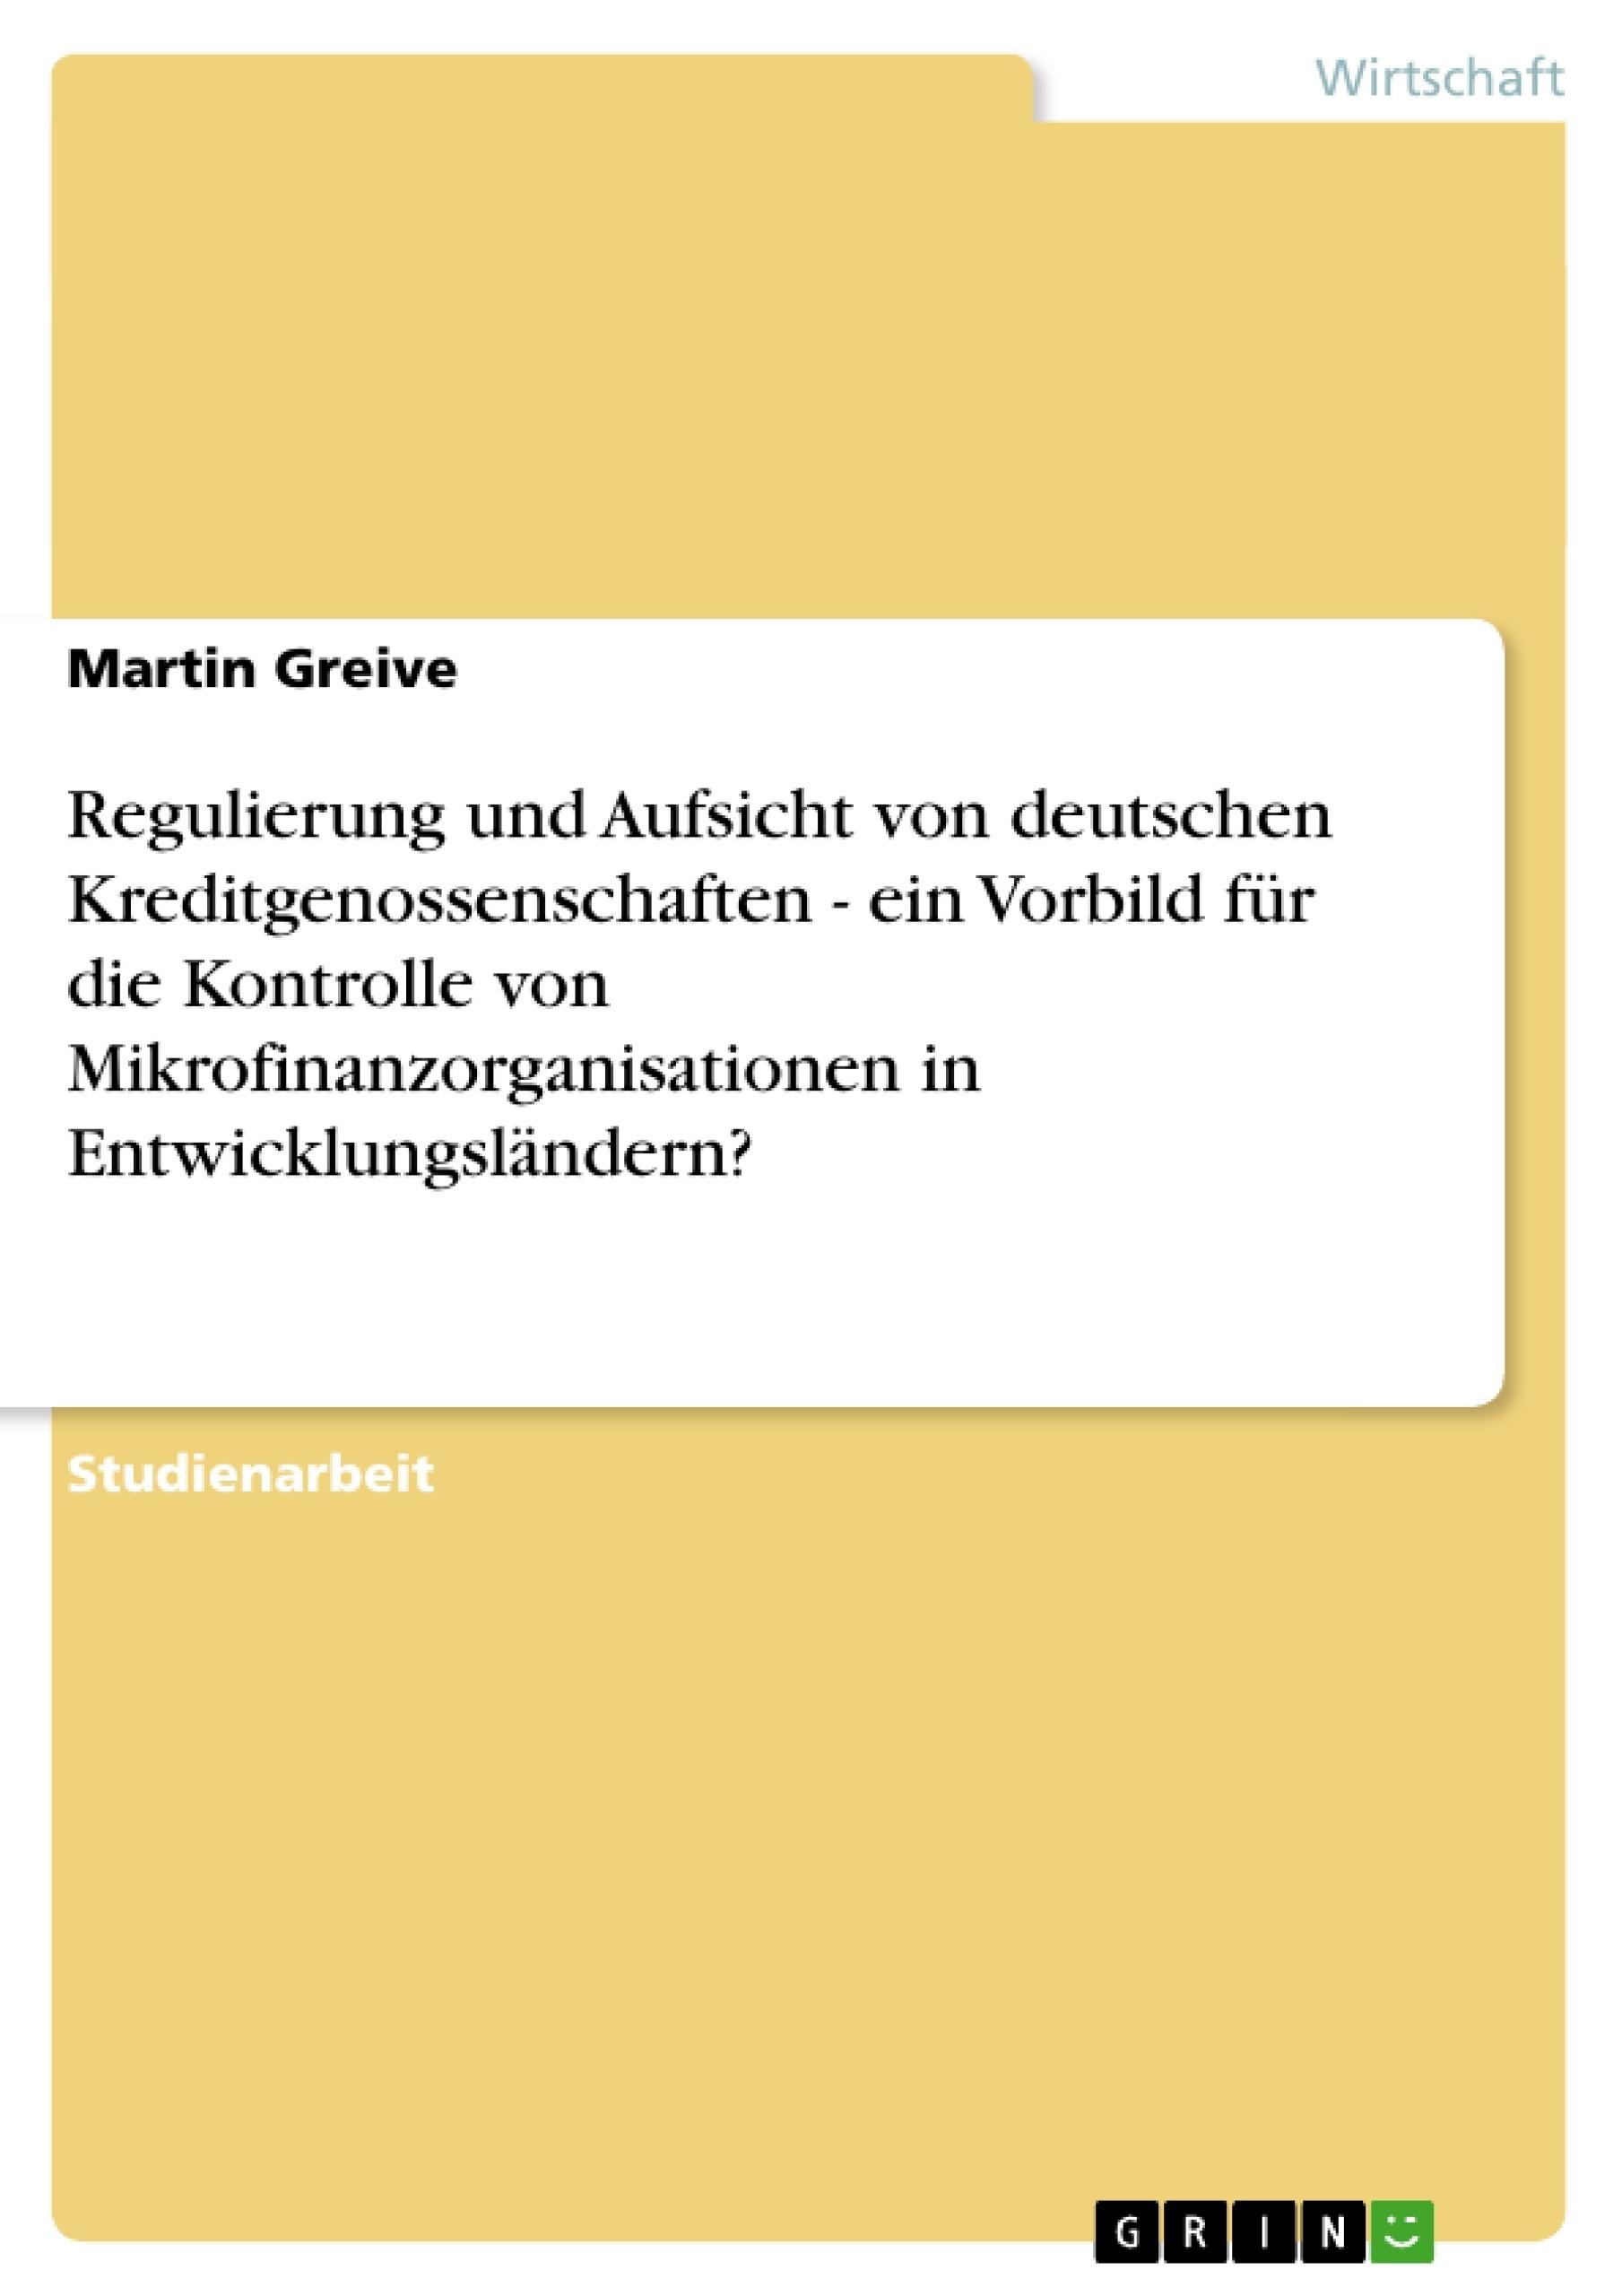 Titel: Regulierung und Aufsicht von deutschen Kreditgenossenschaften - ein Vorbild für die Kontrolle von Mikrofinanzorganisationen in Entwicklungsländern?